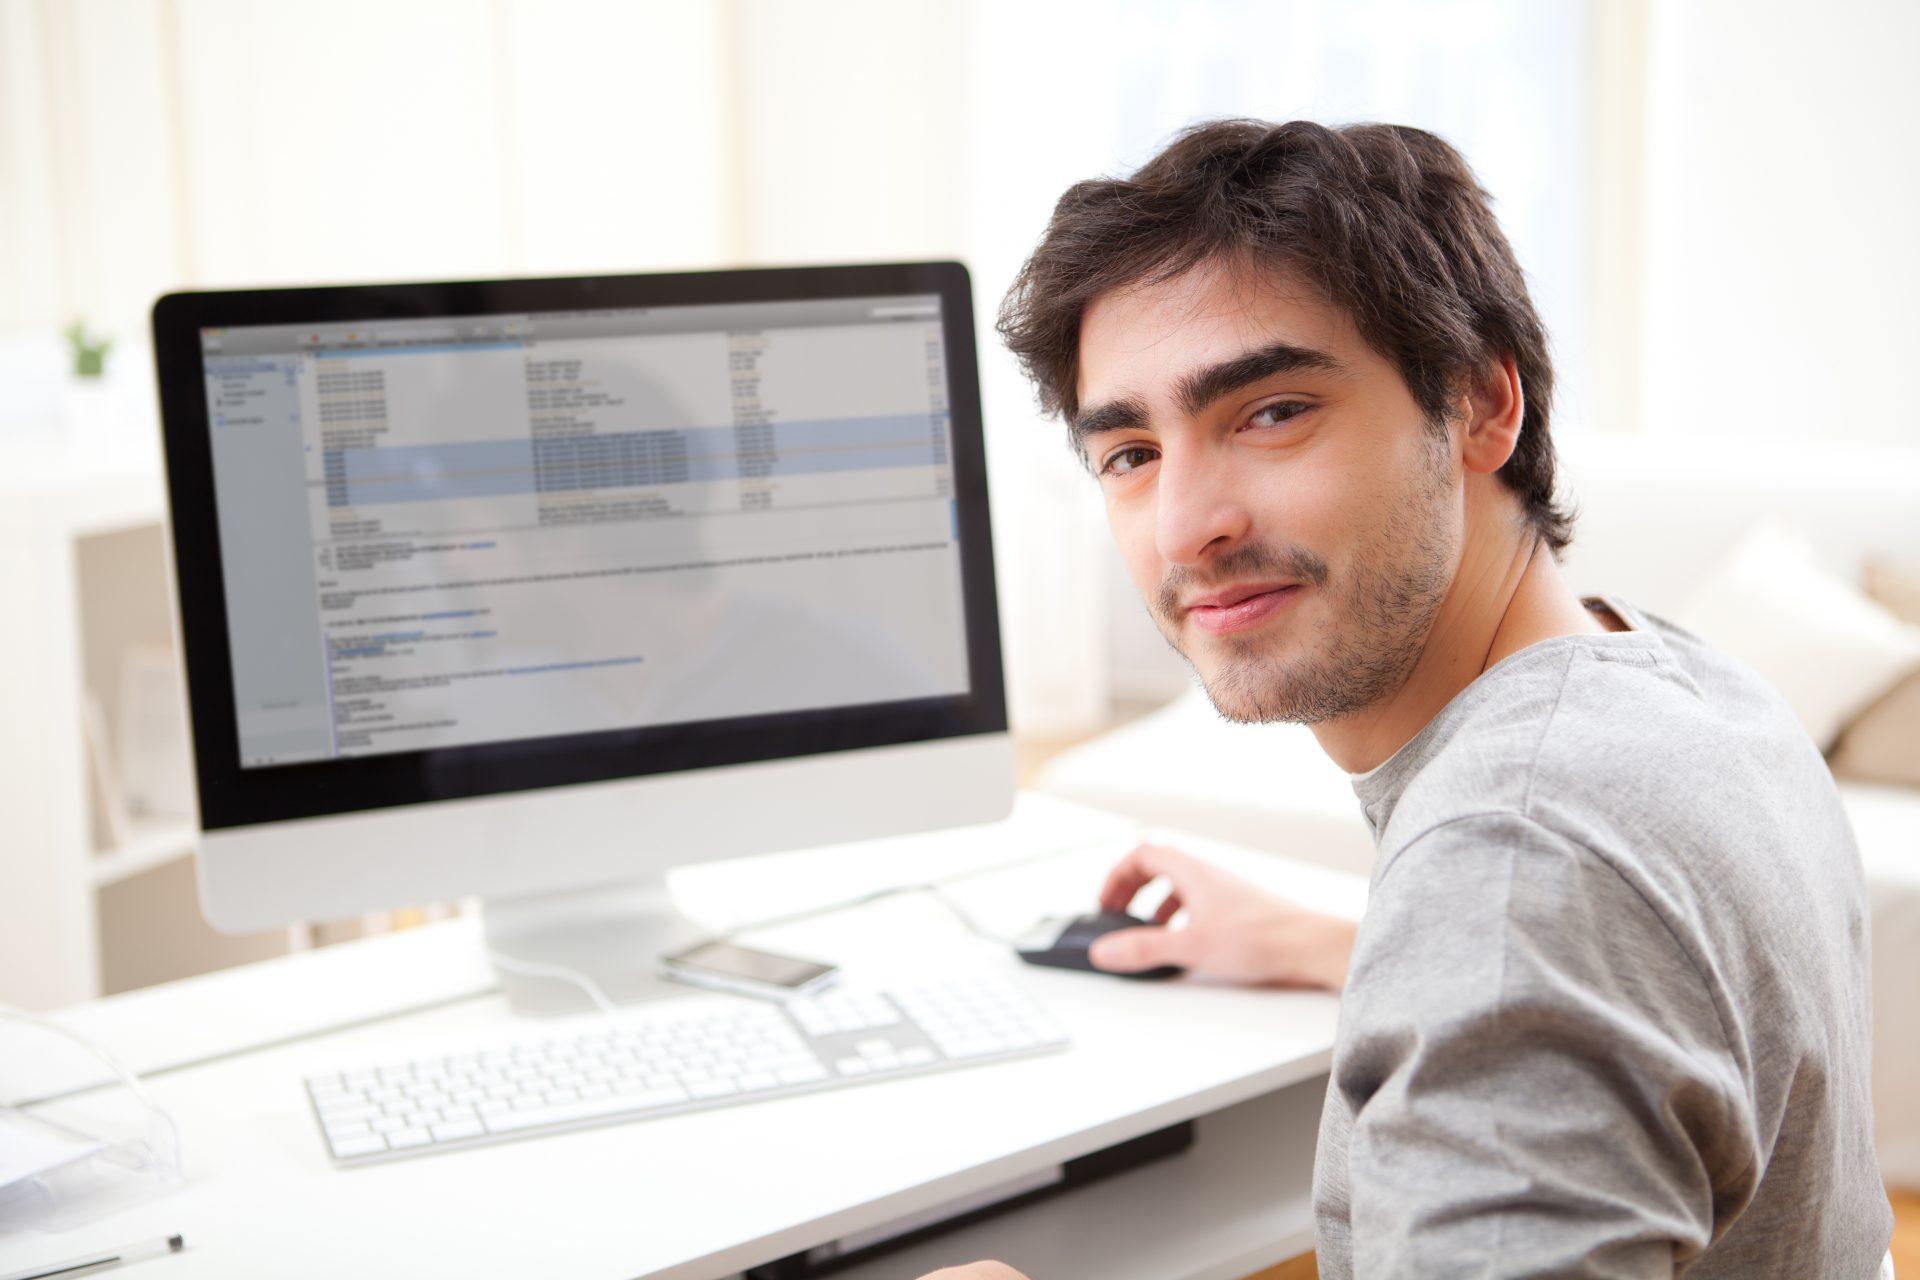 склеивают фото парень перед компьютером различают, как внутренние